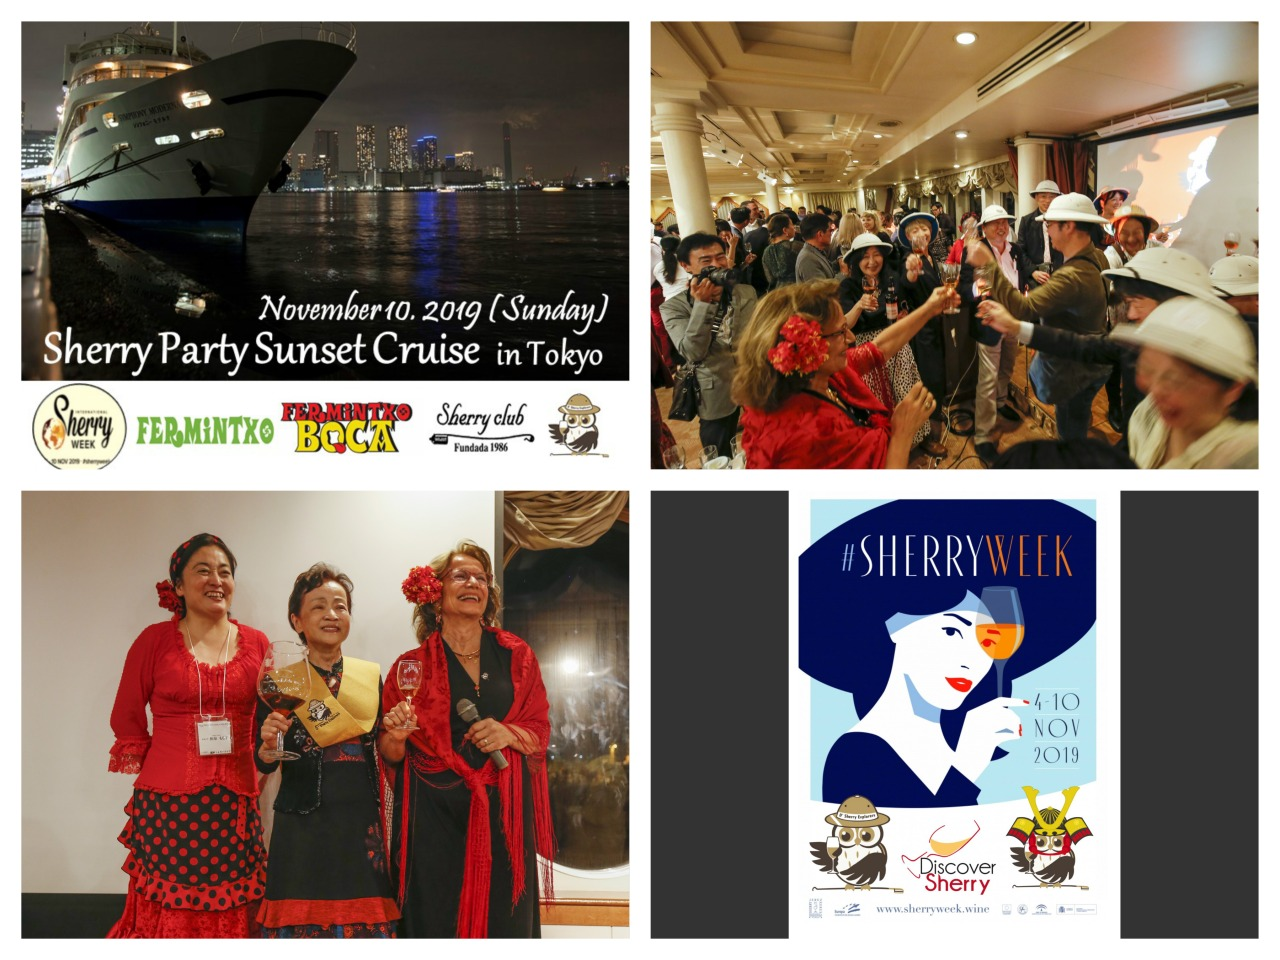 International Sherry Week por la Bahía de Tokyo…ALUCINANTE!!!/ International Sherry Week on Tokyo Bay…INCREDIBLE!!!